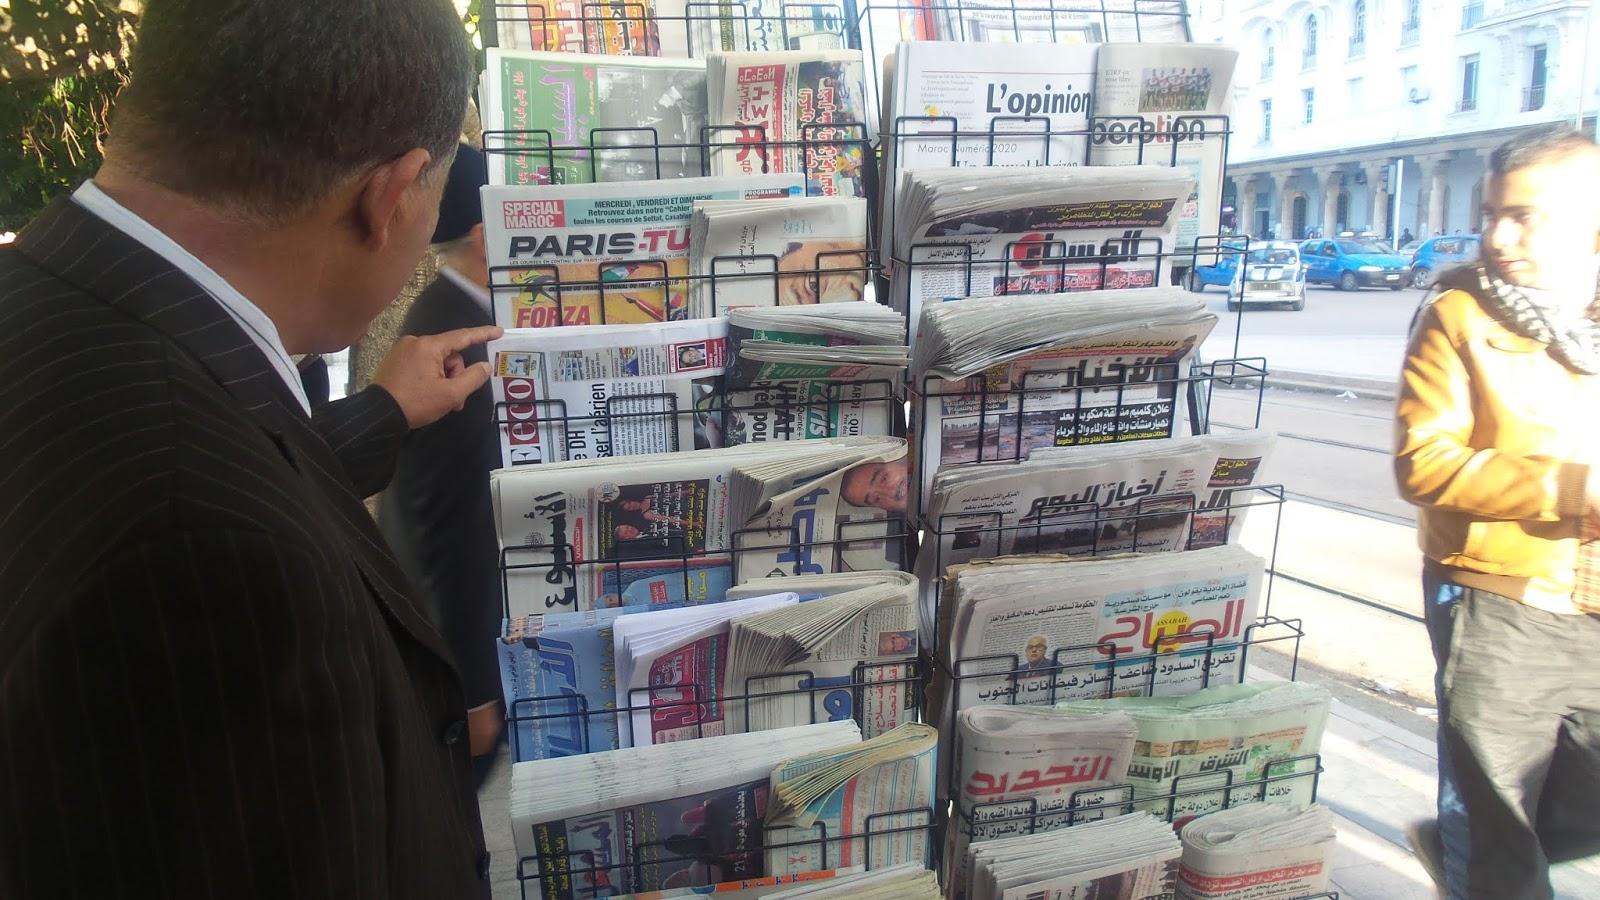 أخبار المغرب في الصحف الوطنية ليوم الجمعة 01 ماي 2020